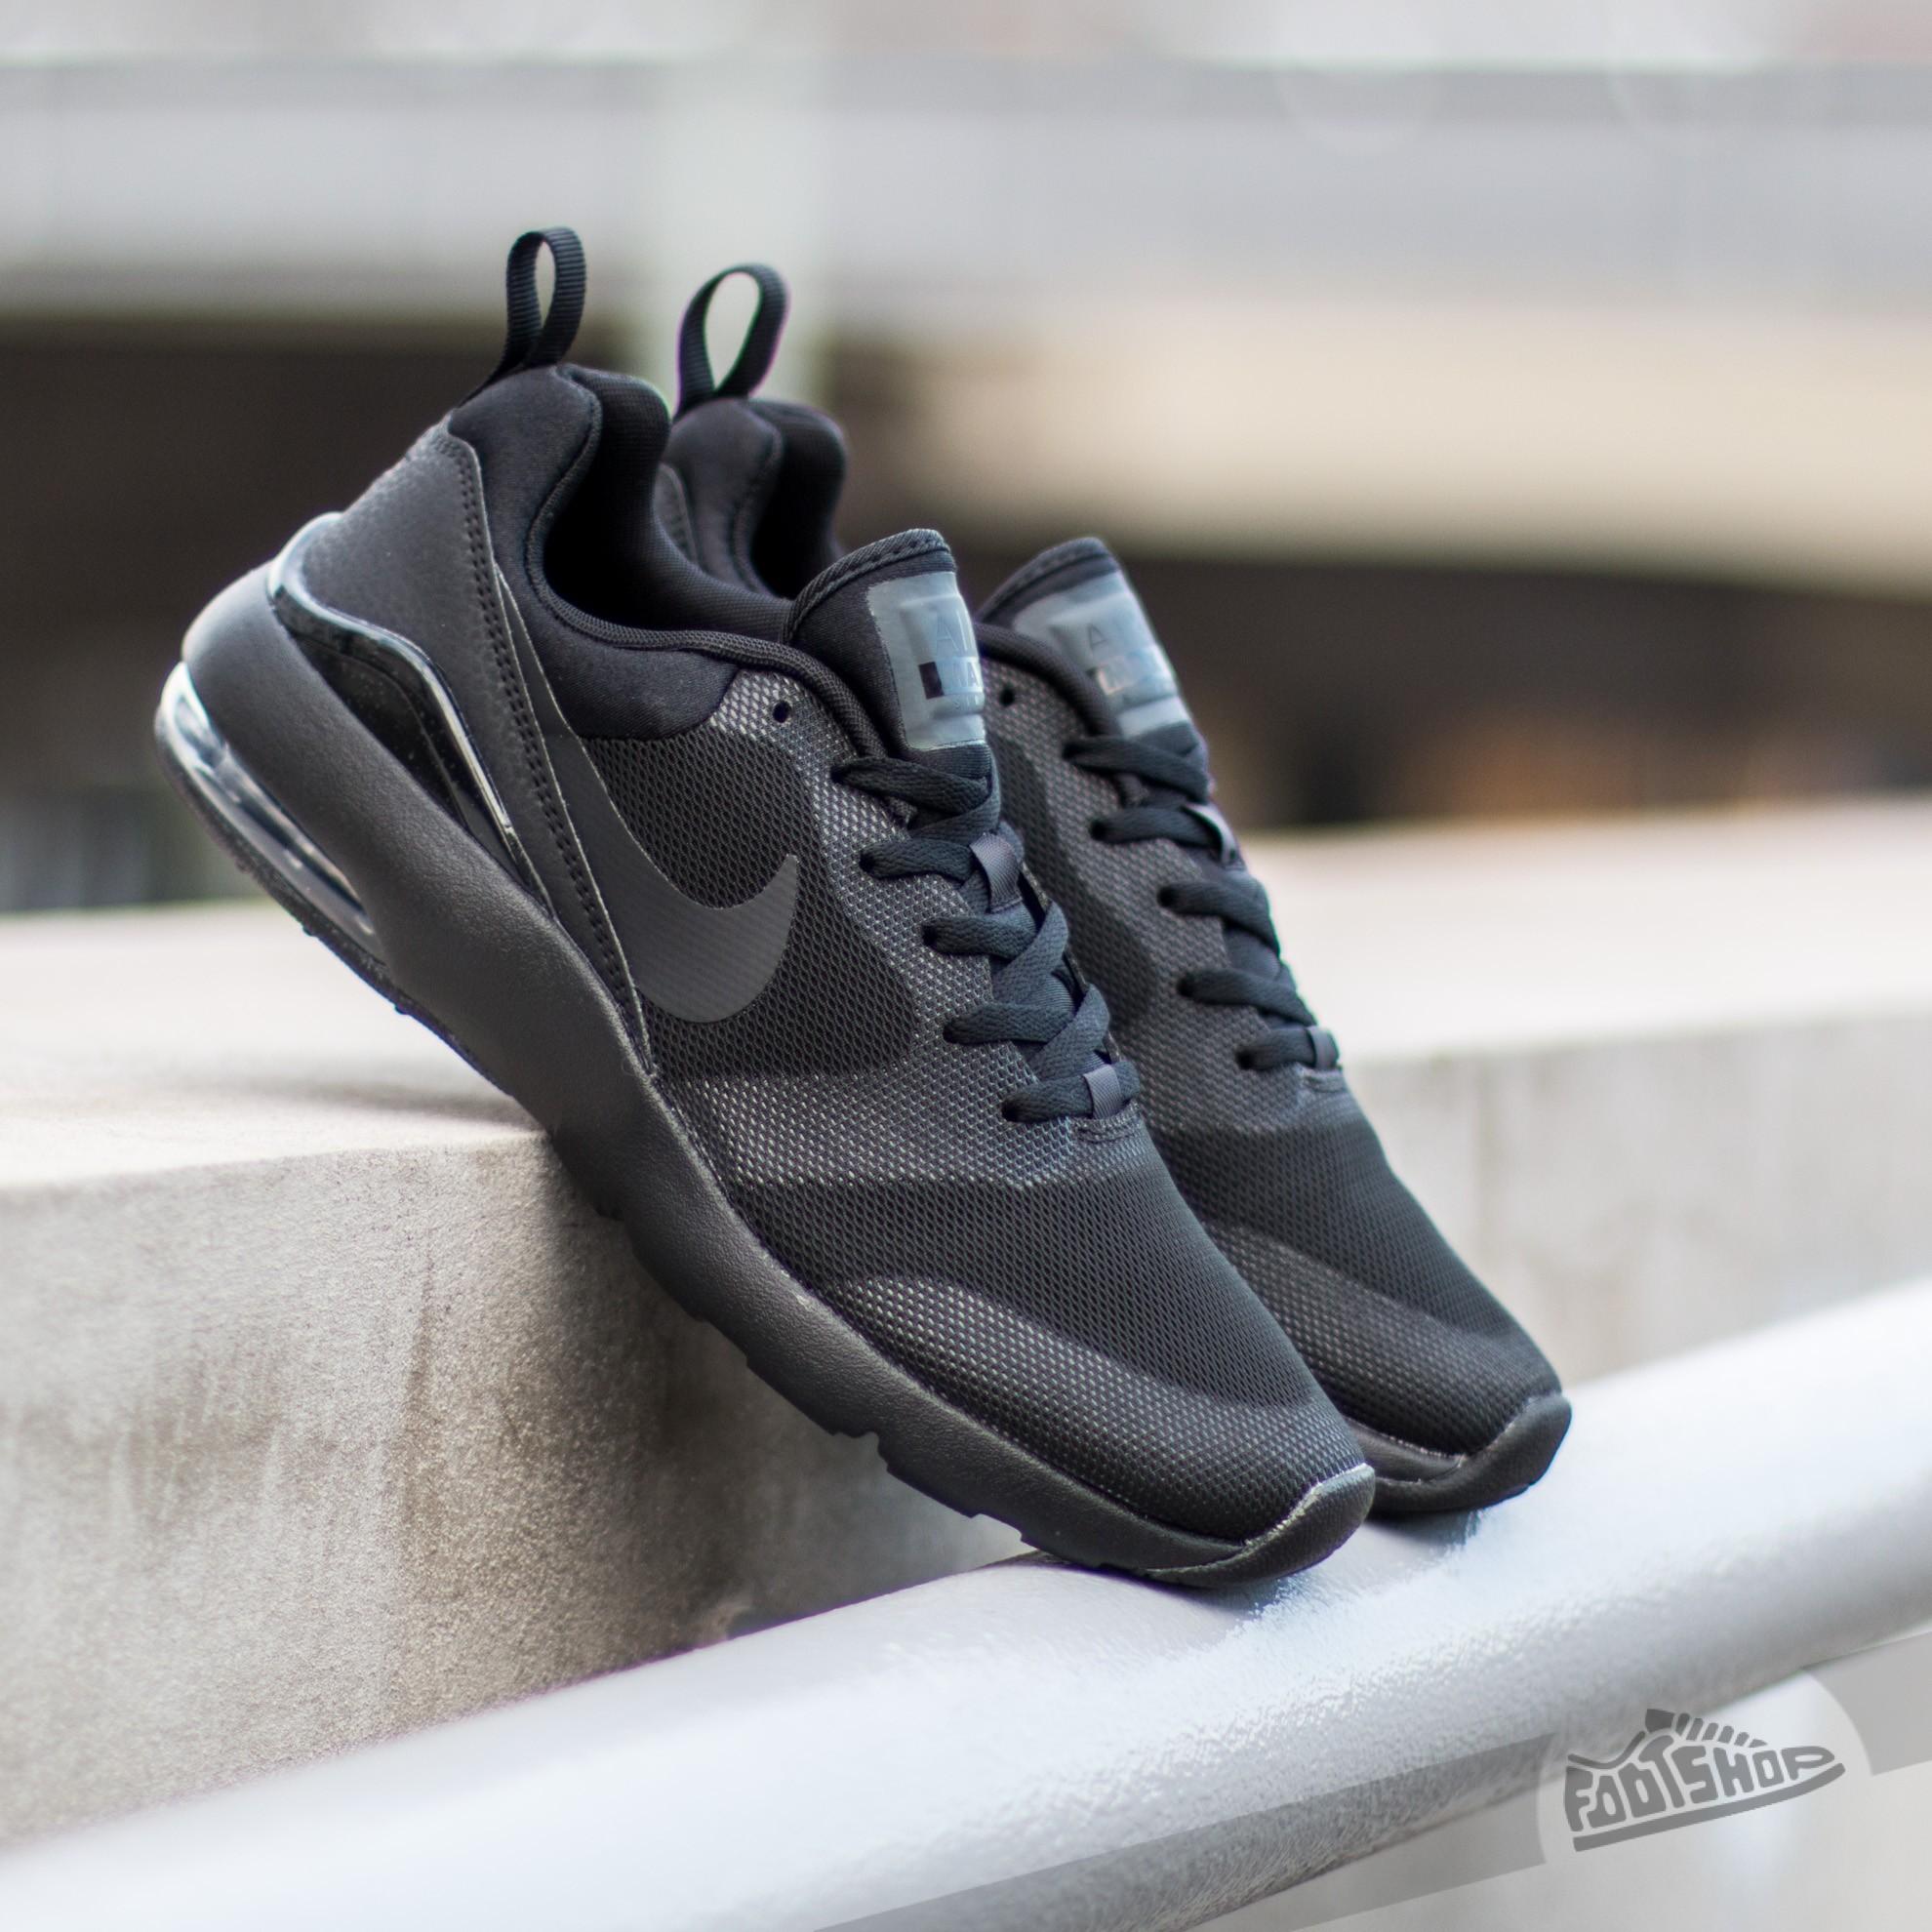 71a0a6a922b7 Nike Wmns Air Max Siren Black  Black- Anthracite